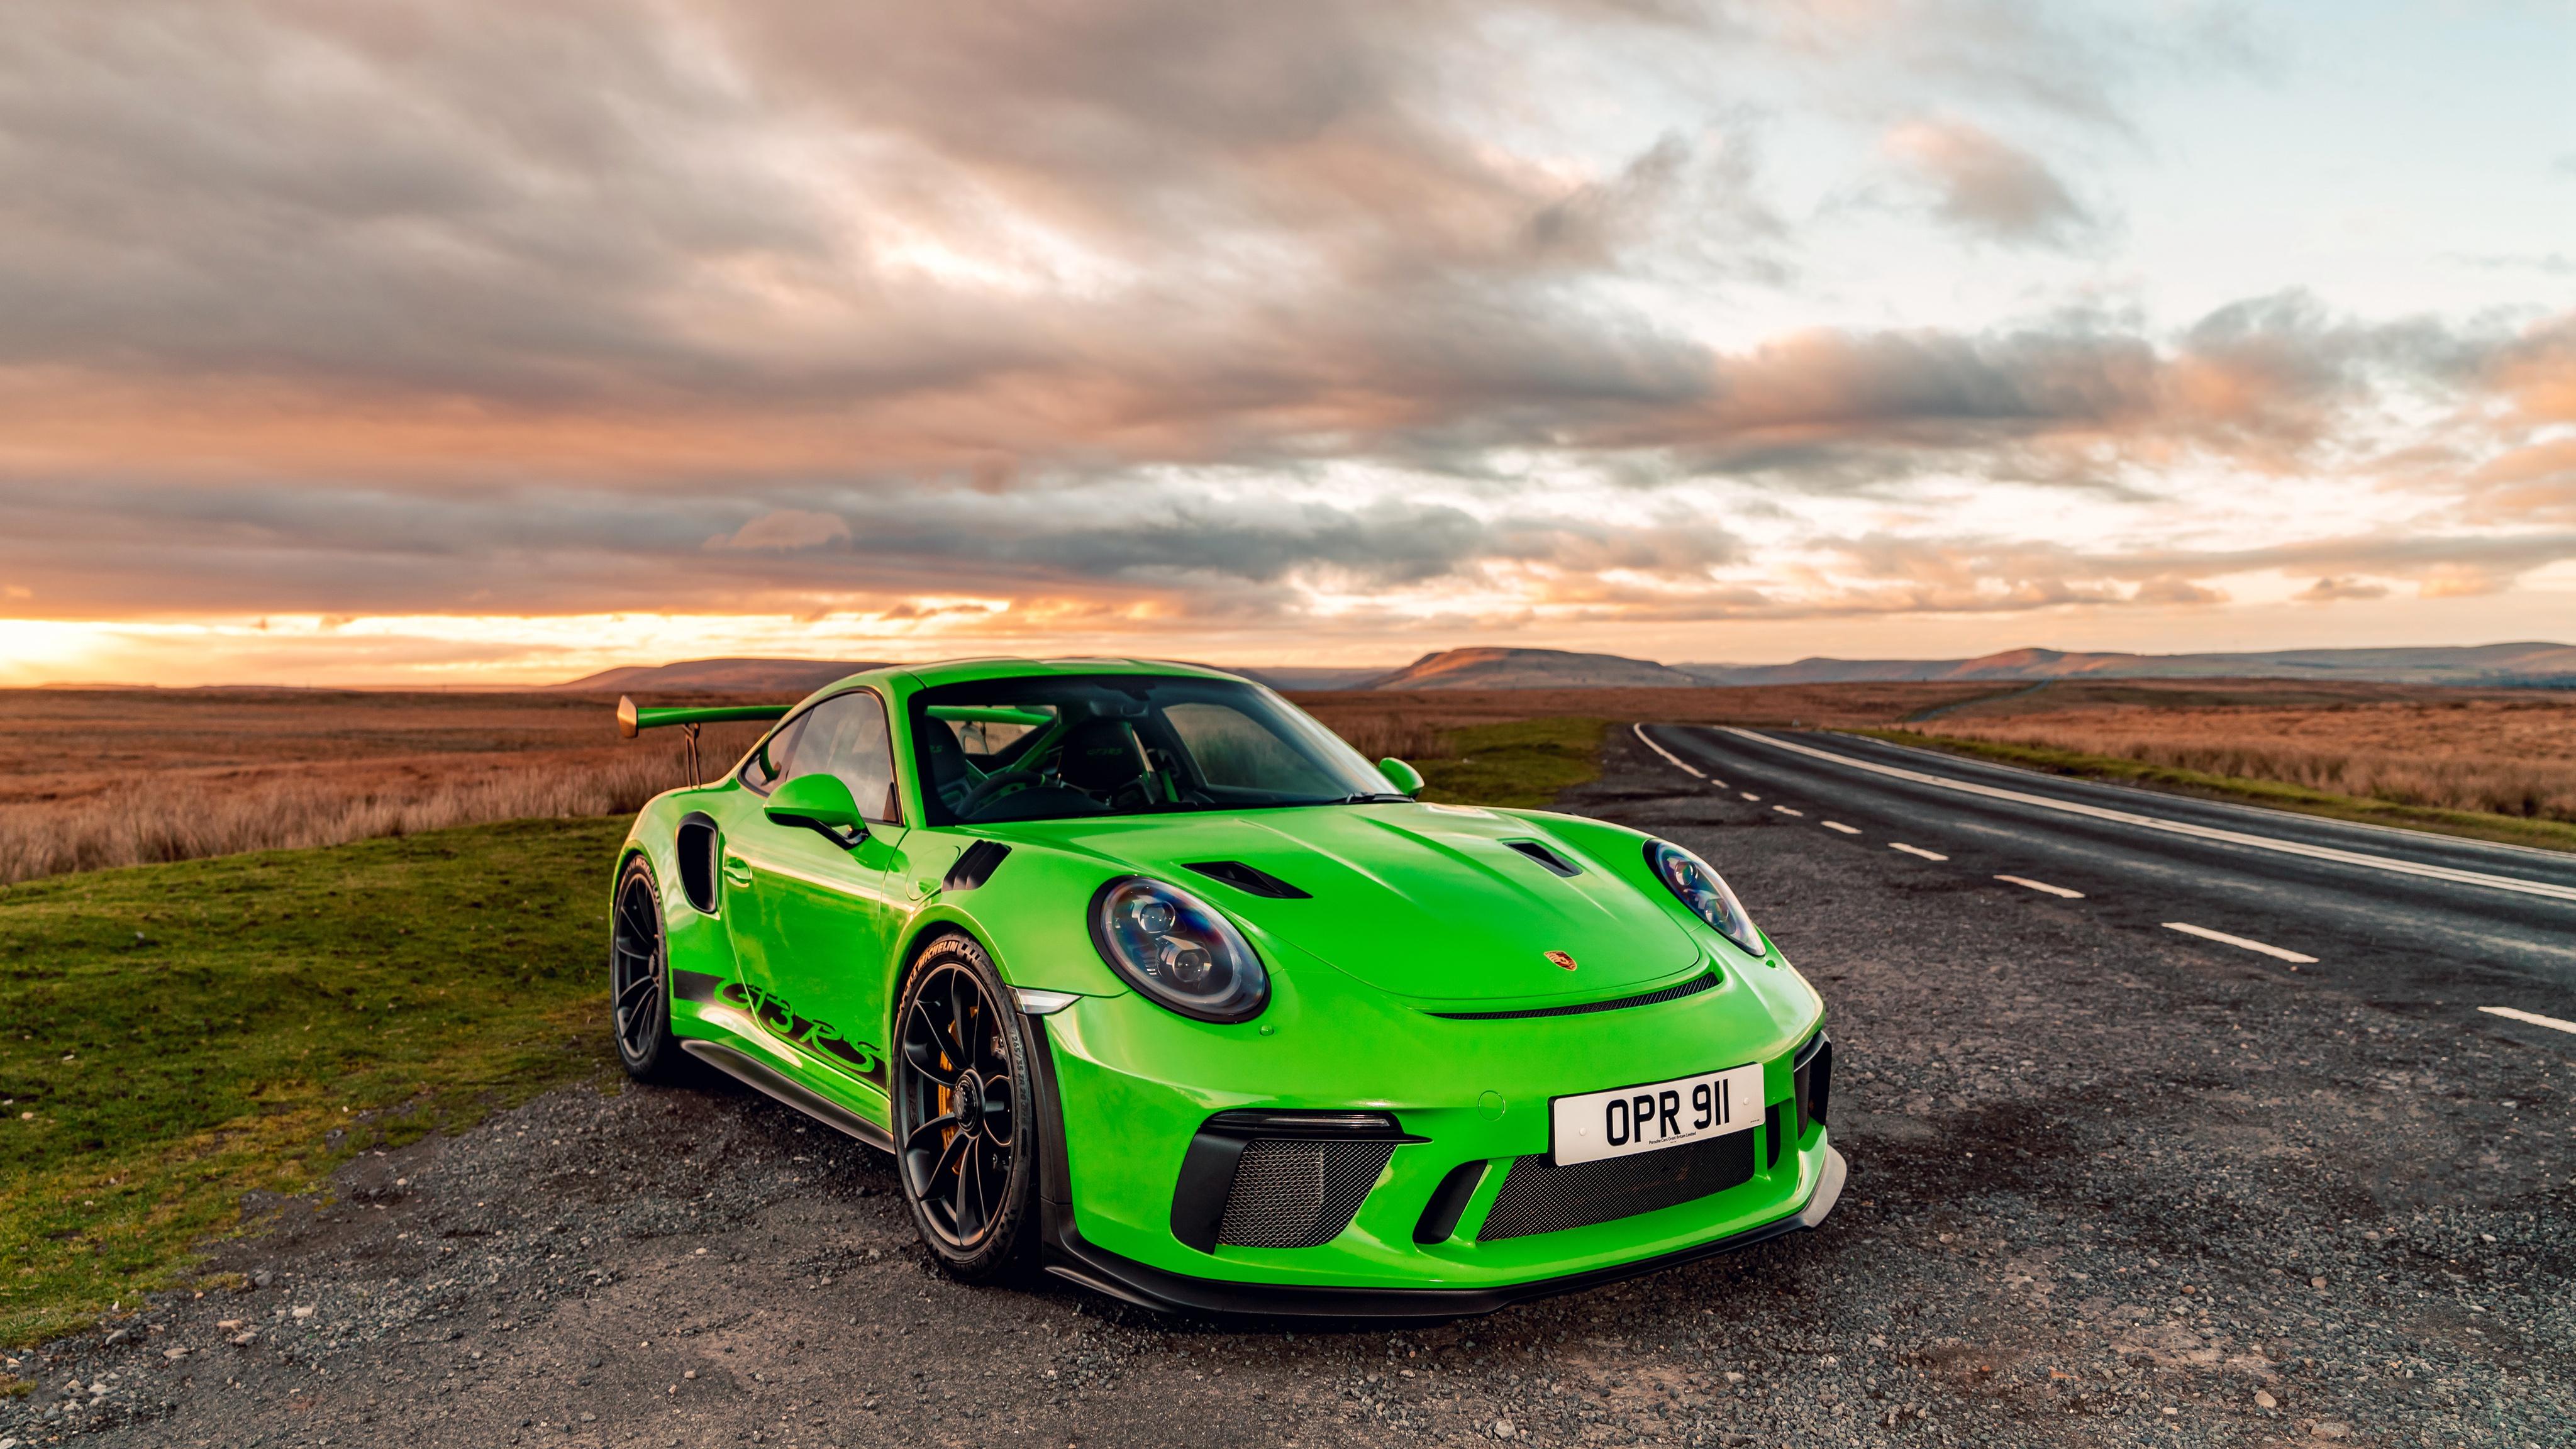 Porsche 911 2018 GT3 RS Green, HD Cars, 4k Wallpapers ...